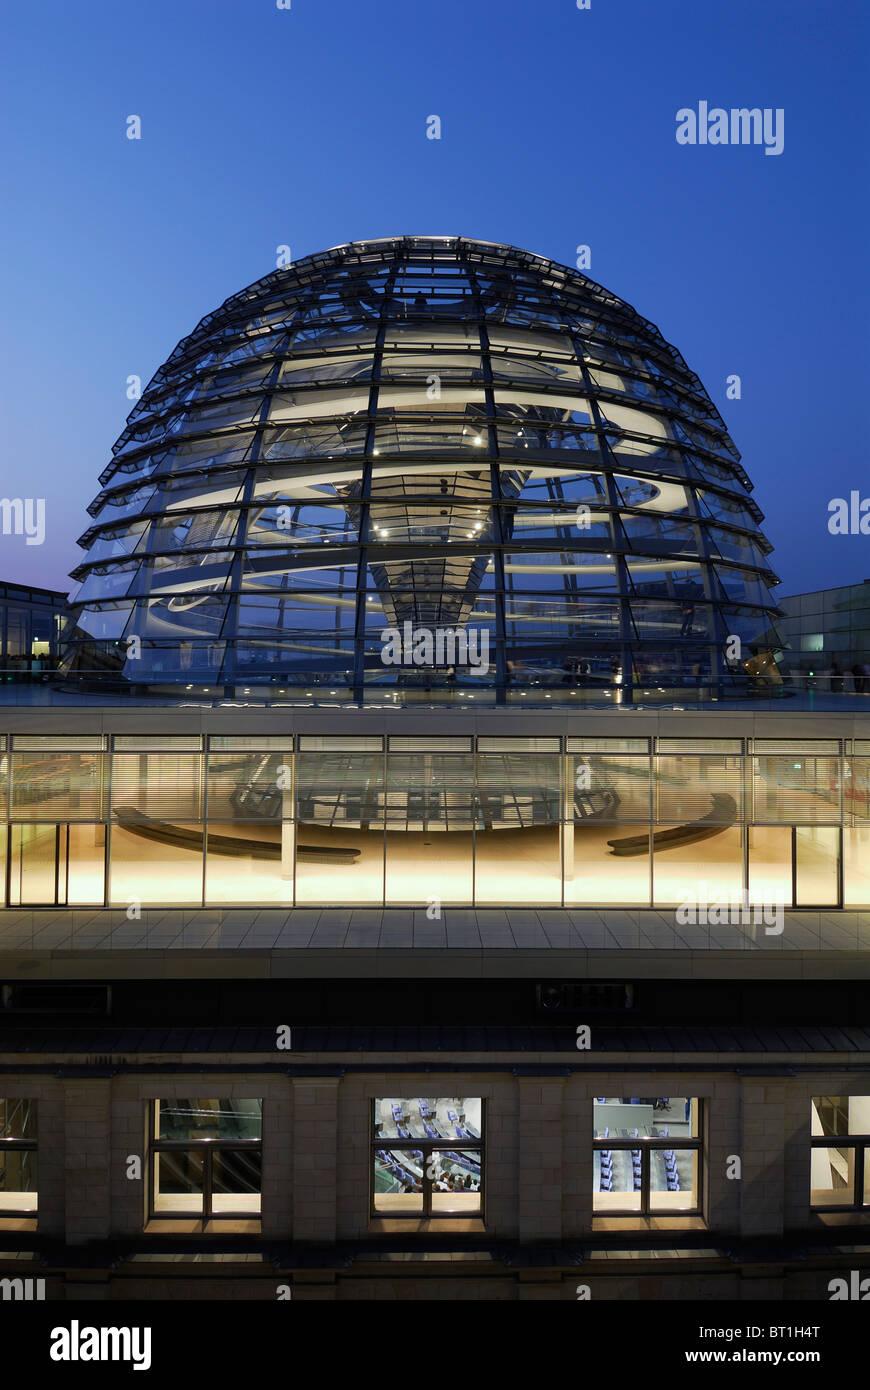 Berlin. Deutschland. Die Reichstagskuppel in der Dämmerung, vom Architekten Sir Norman Foster. Stockbild